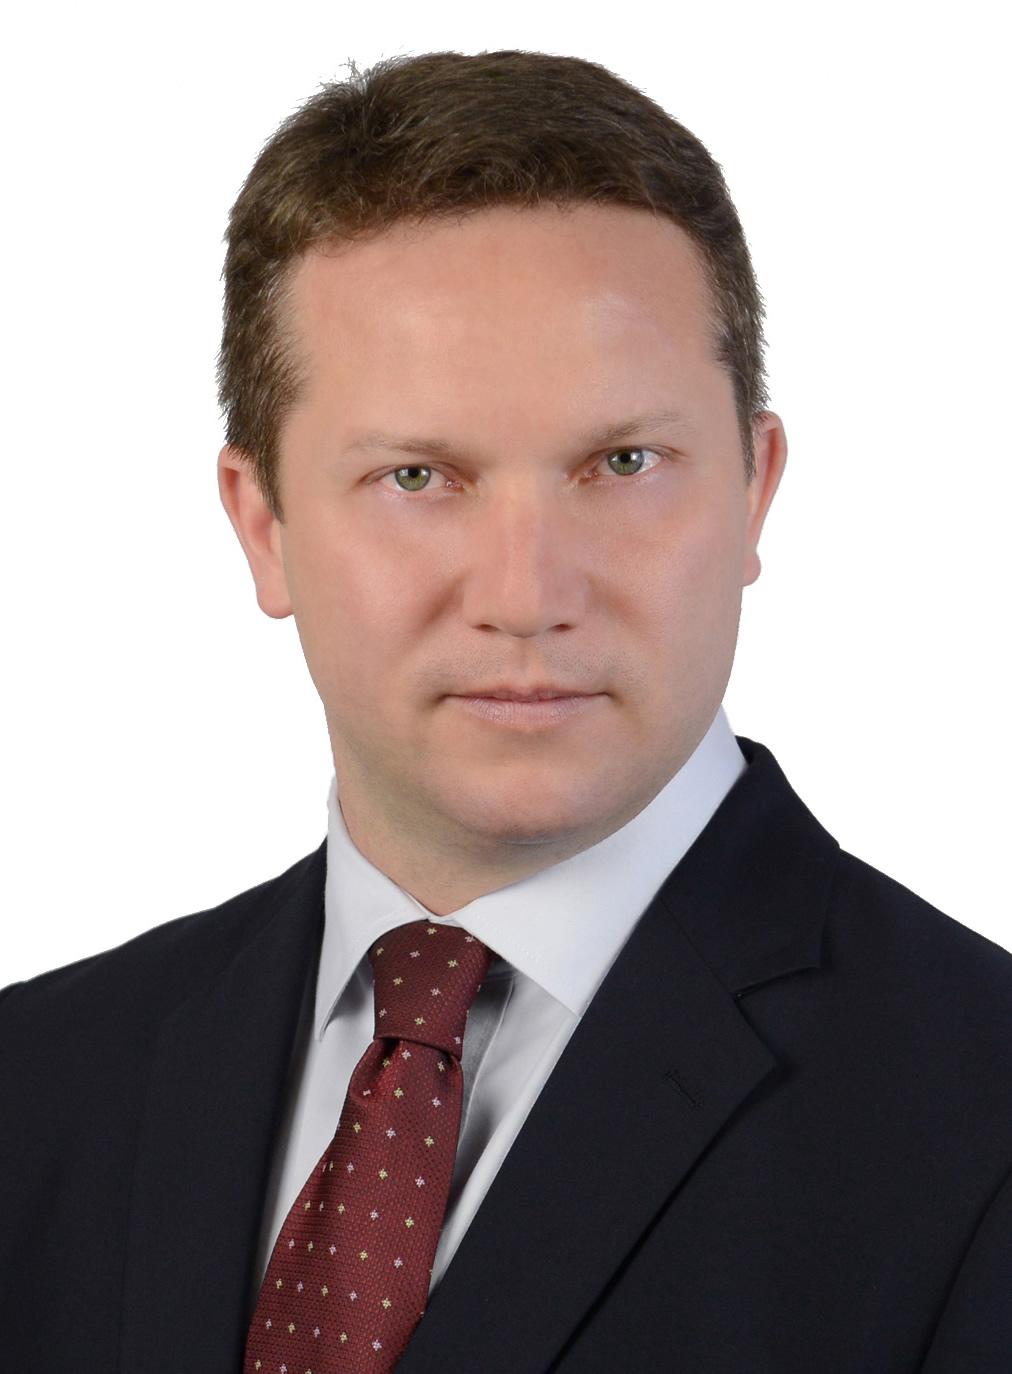 Ujhelyi István, dr.